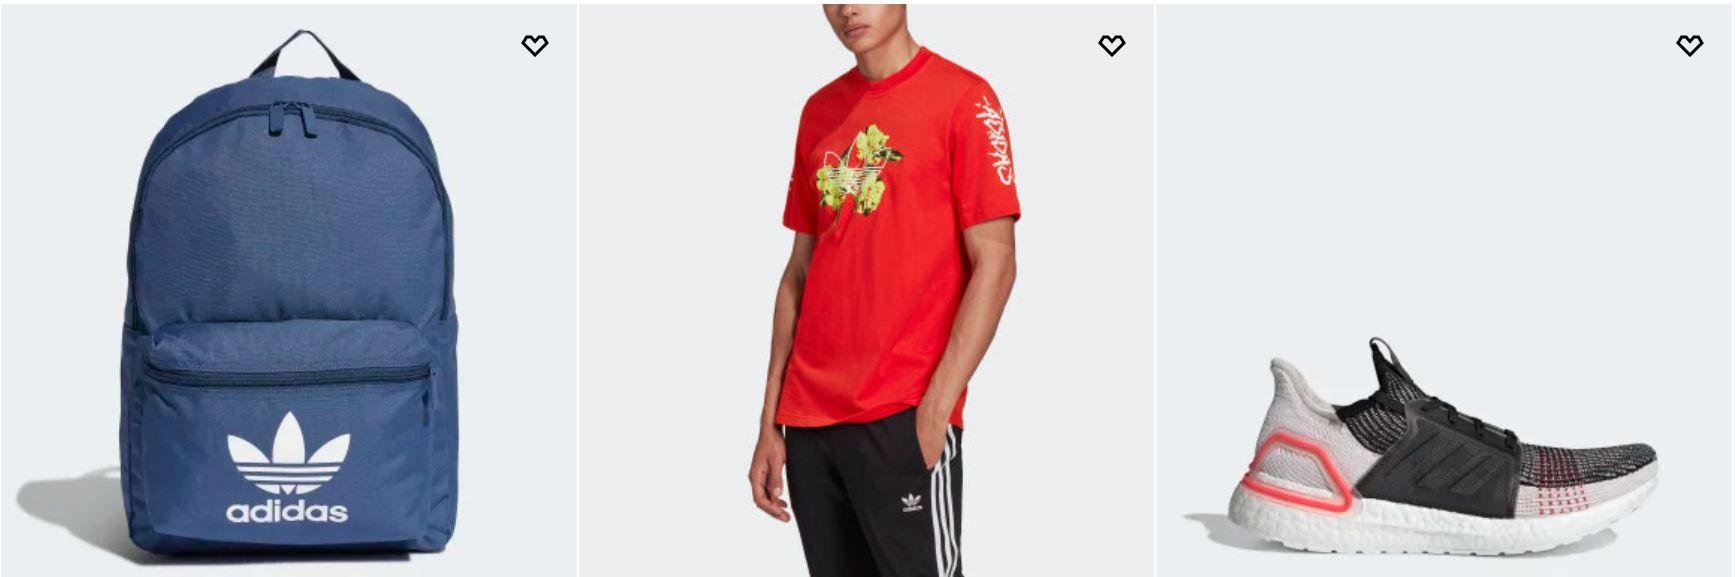 adidas Mid Season Sale mit 30% Rabatt auf reguläre Ware + 15% Rabatt auf Reduziertes +  VSK frei ab 25€